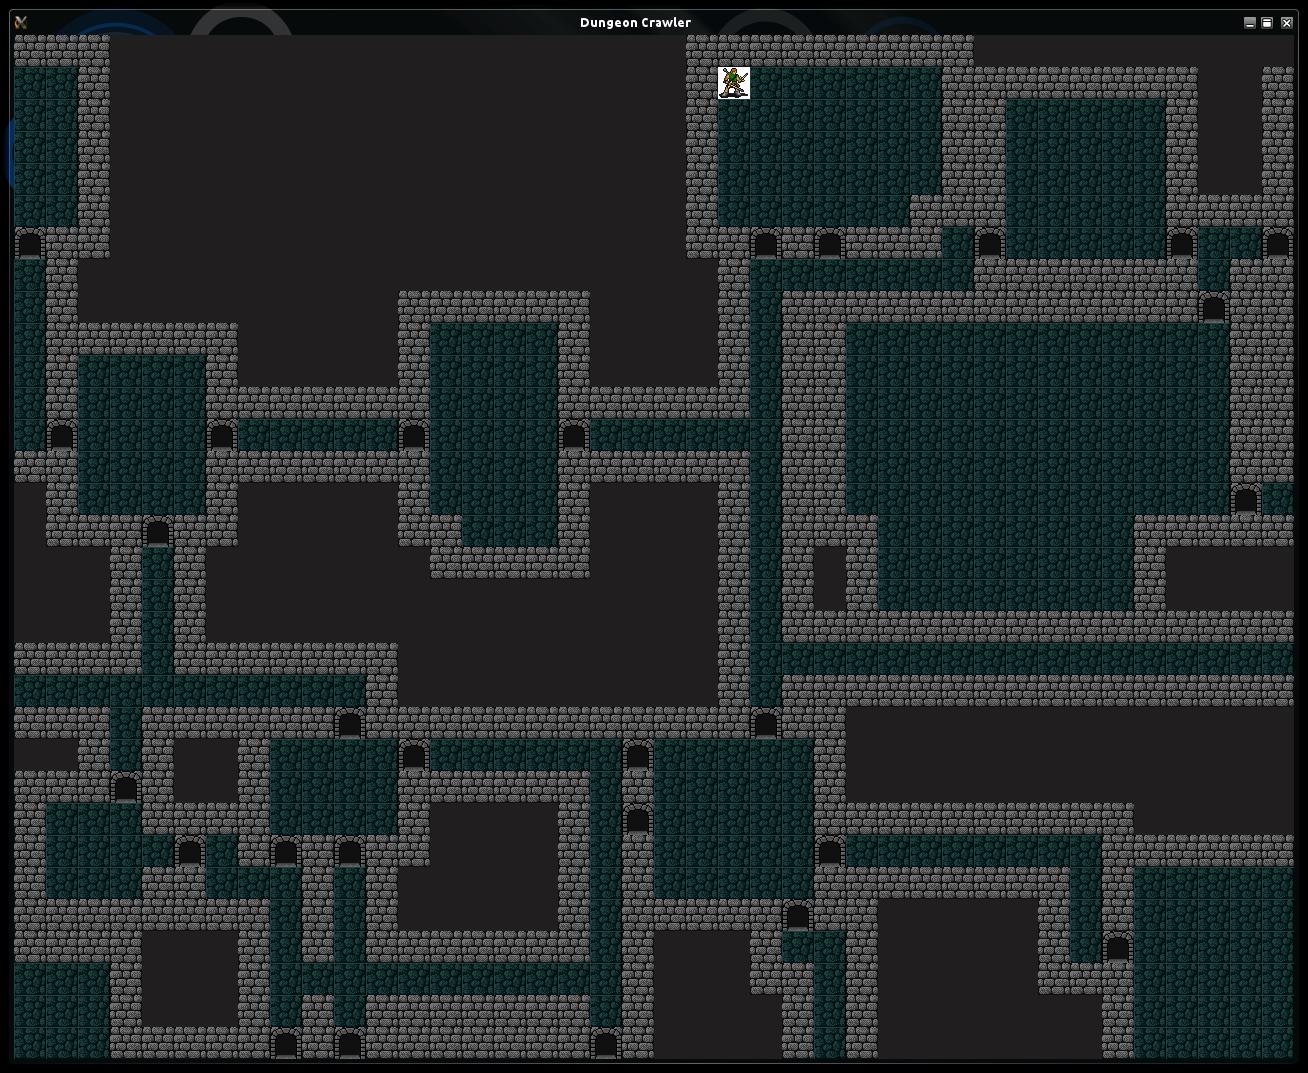 Dungeon Crawler Screenshot